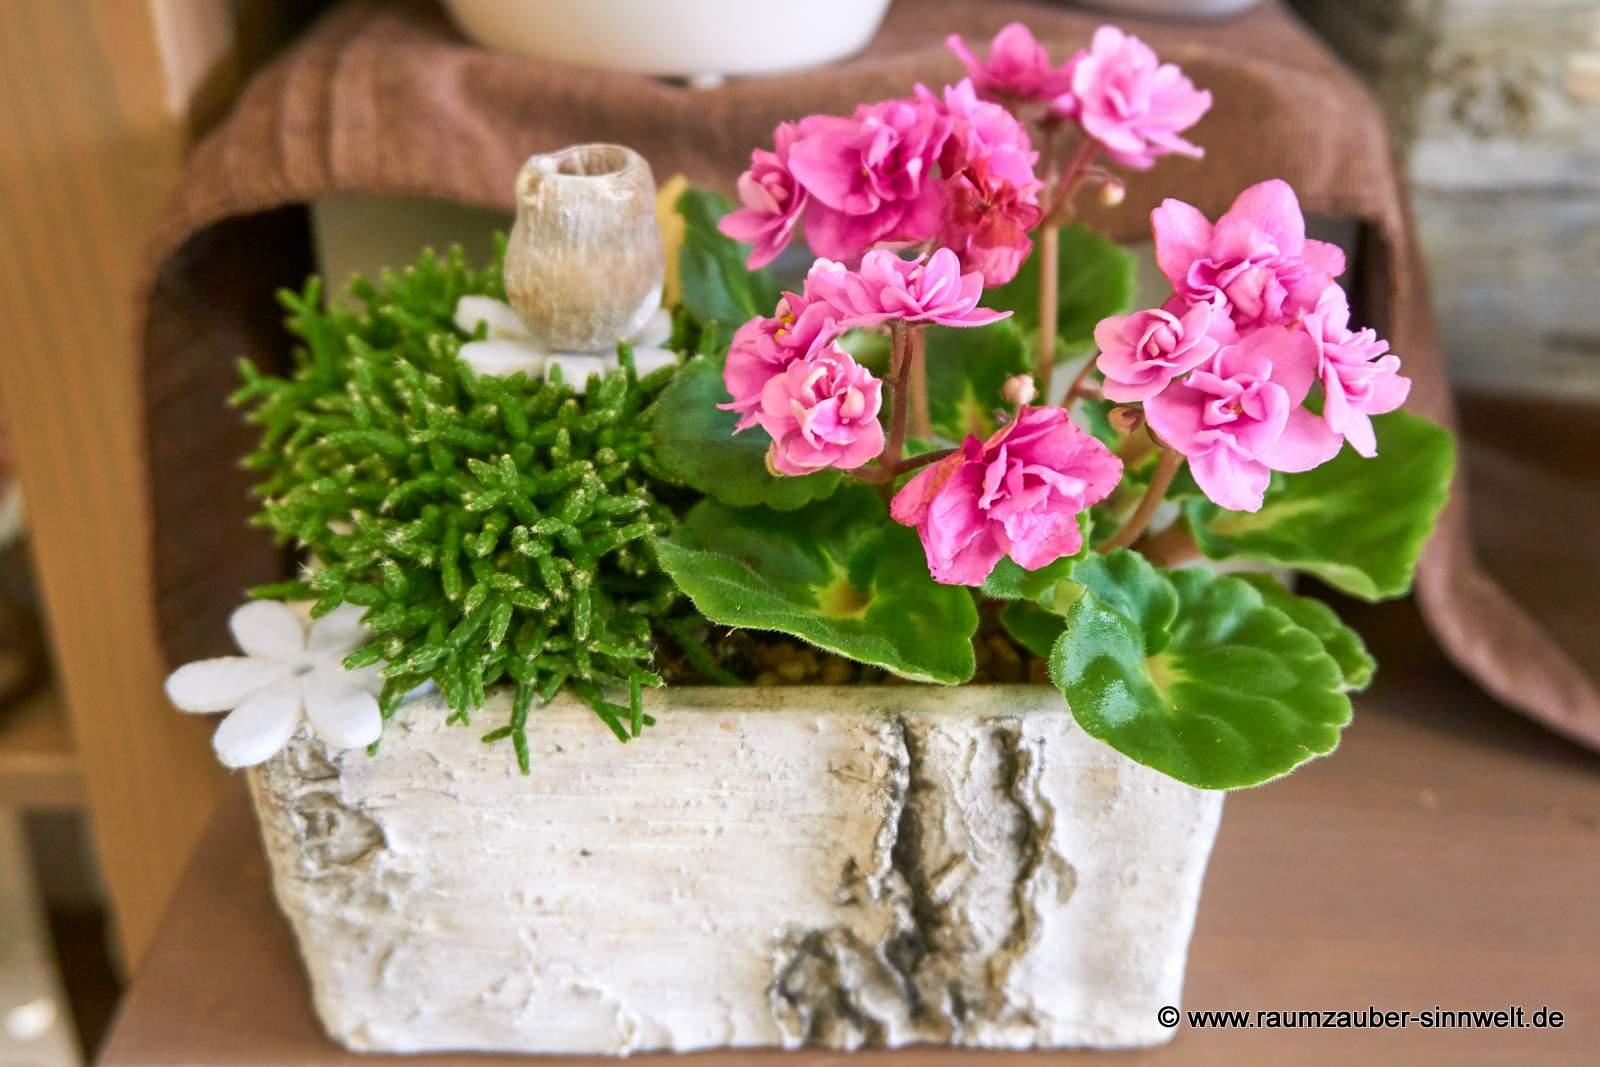 Einpflanzung in Birkenkeramik